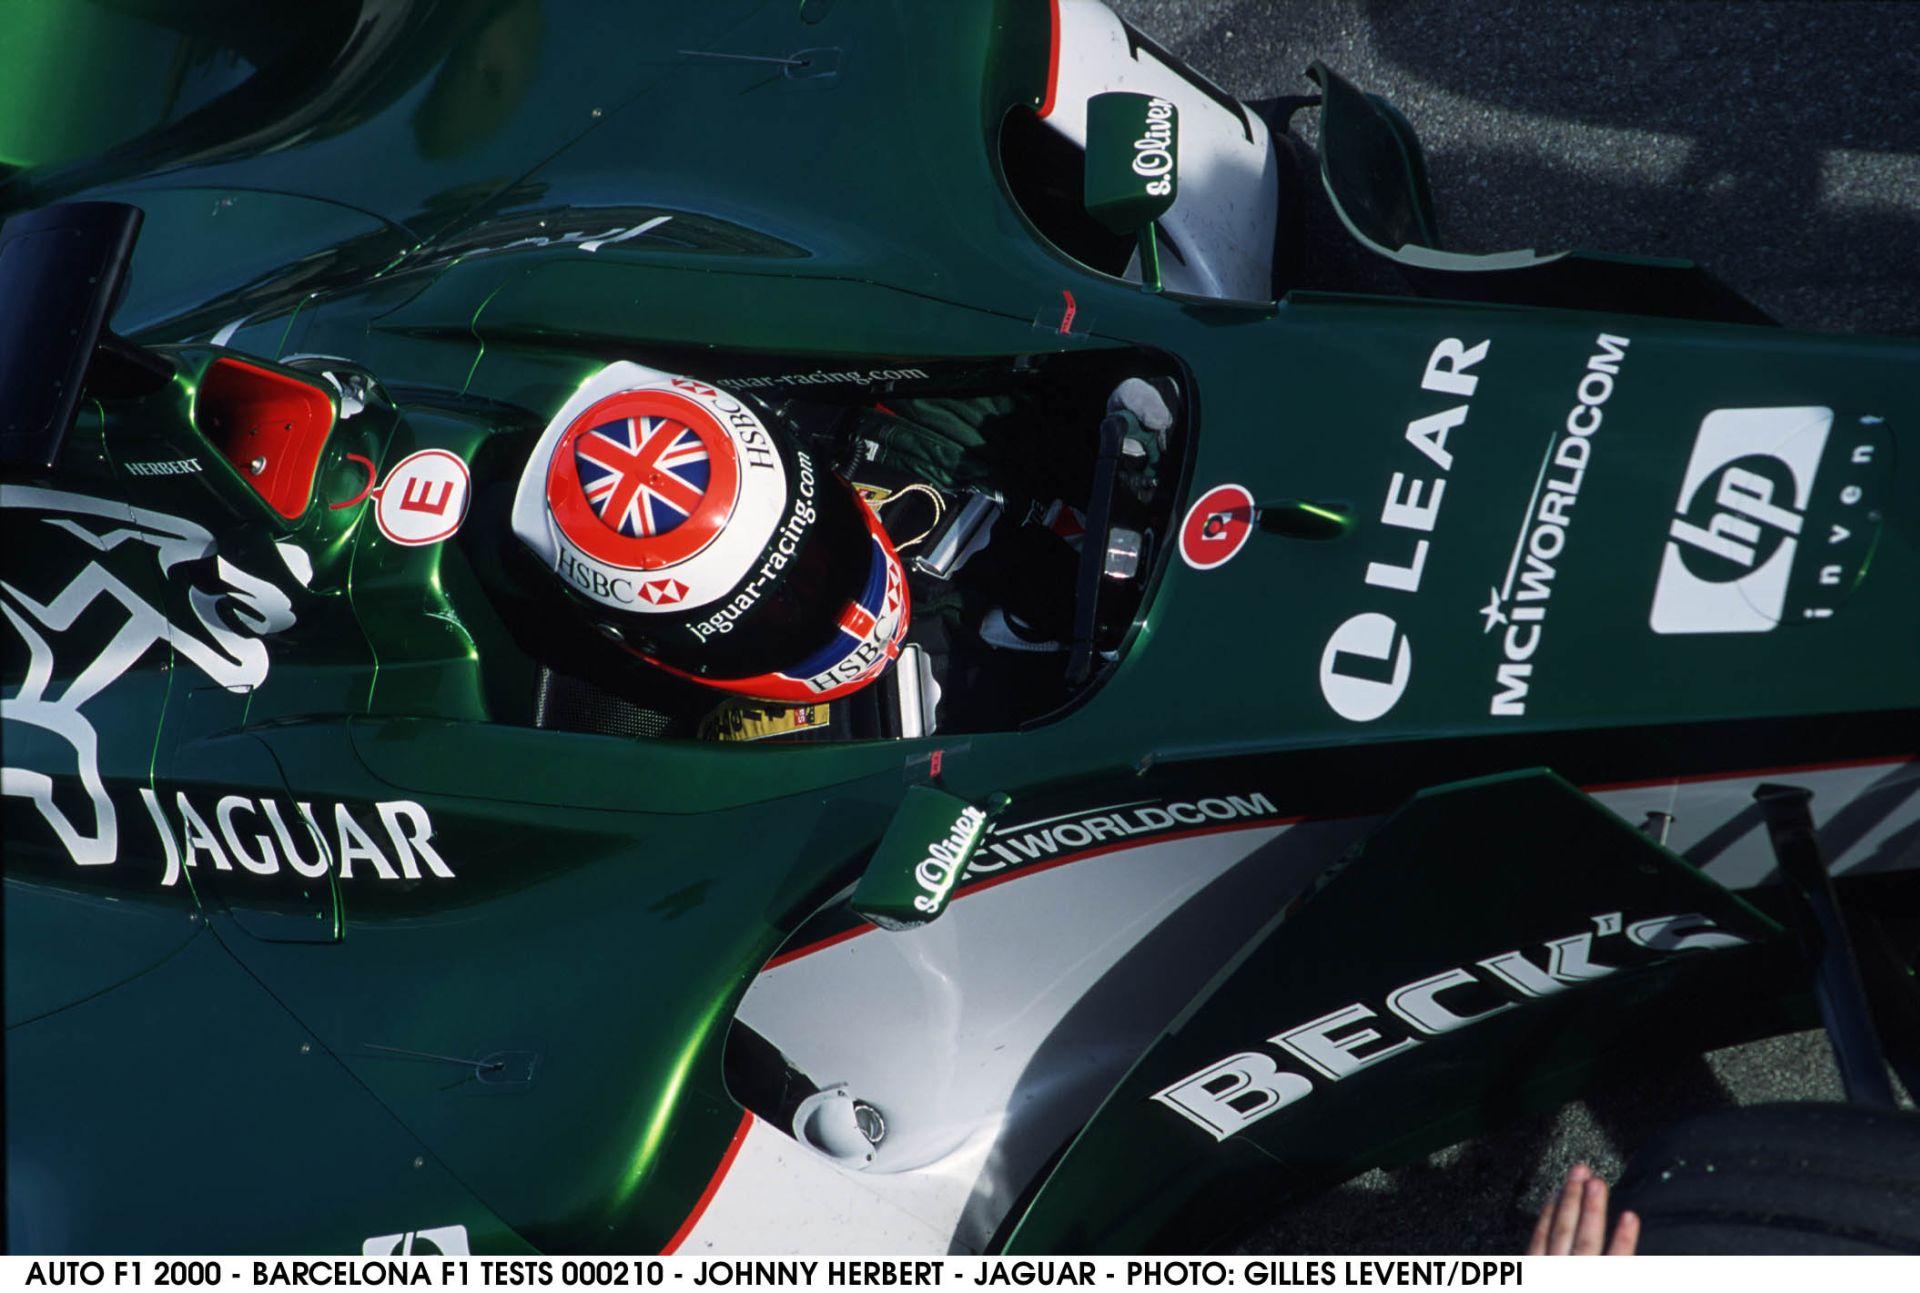 Ma 51 éves Johnny Herbert, a korábbi F1-es versenyző